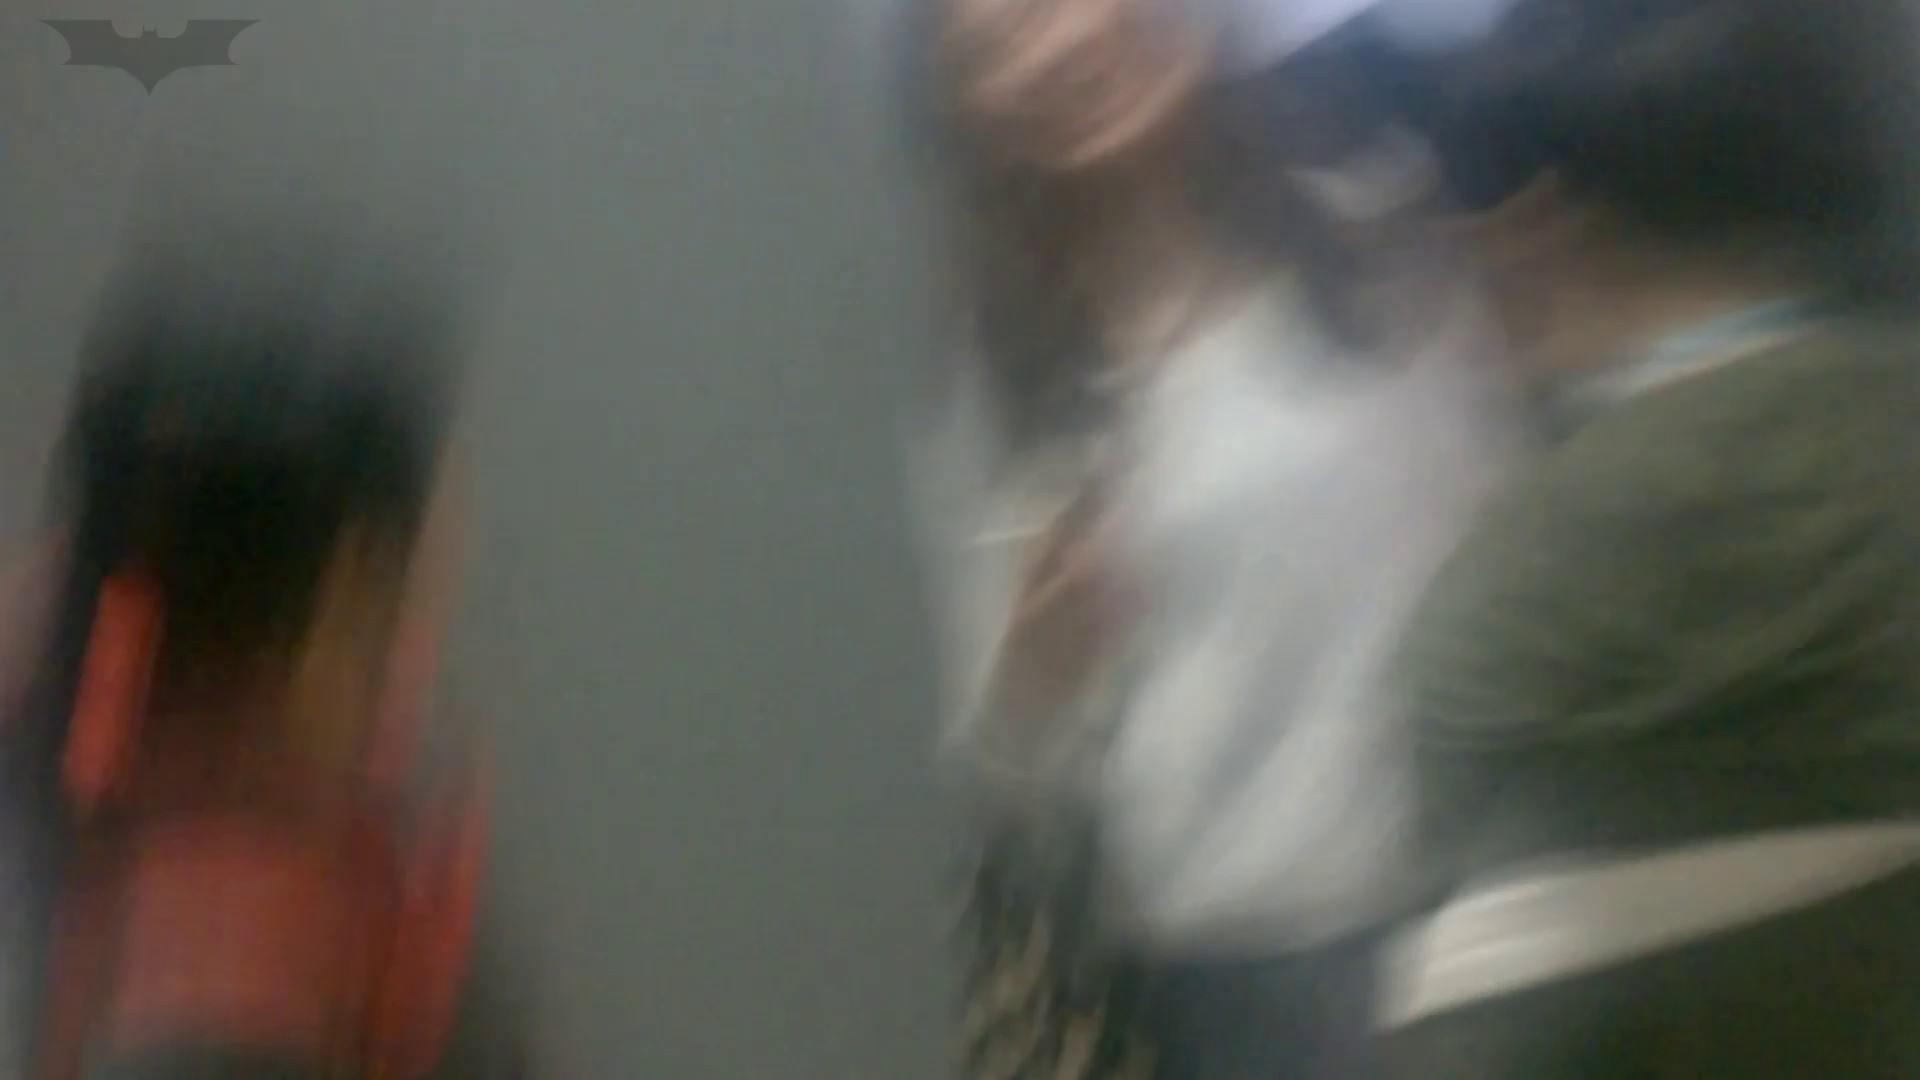 JD盗撮 美女の洗面所の秘密 Vol.07 OL | トイレ中  94連発 80